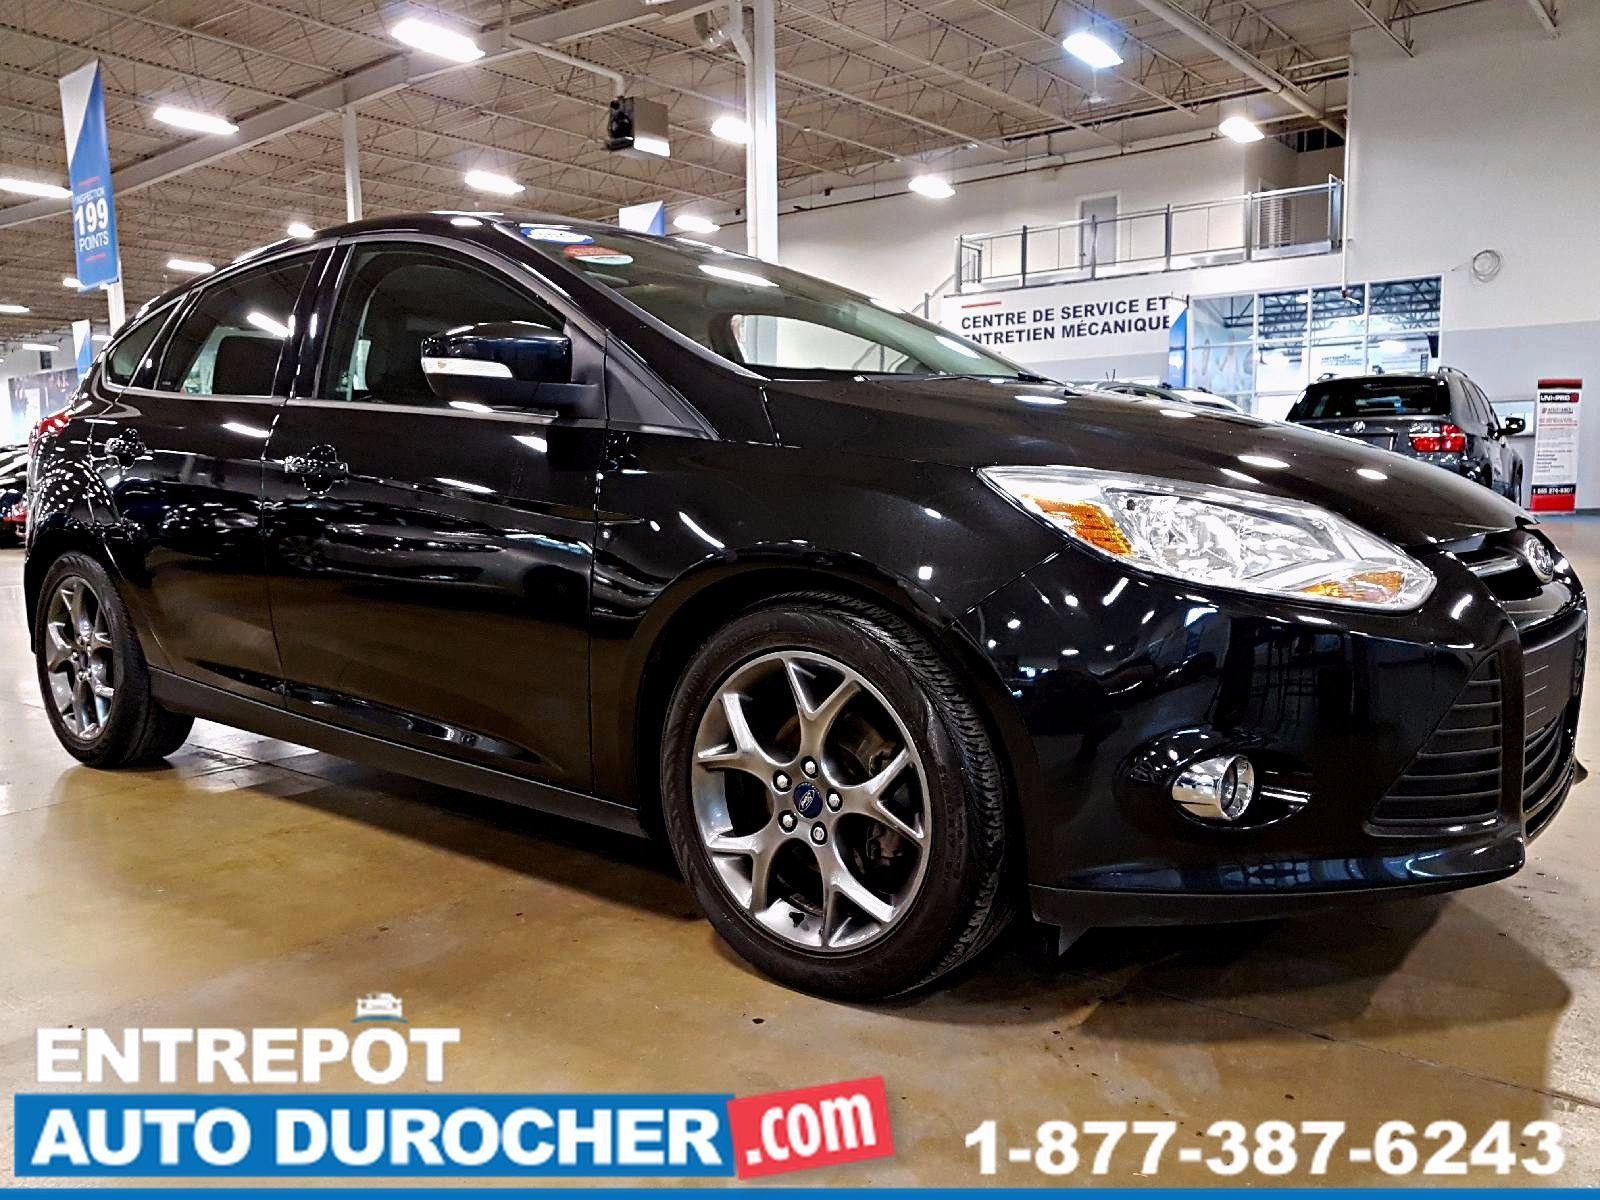 Ford Focus SE - AUTOMATIQUE - AIR CLIMATISÉ - CUIR 2013